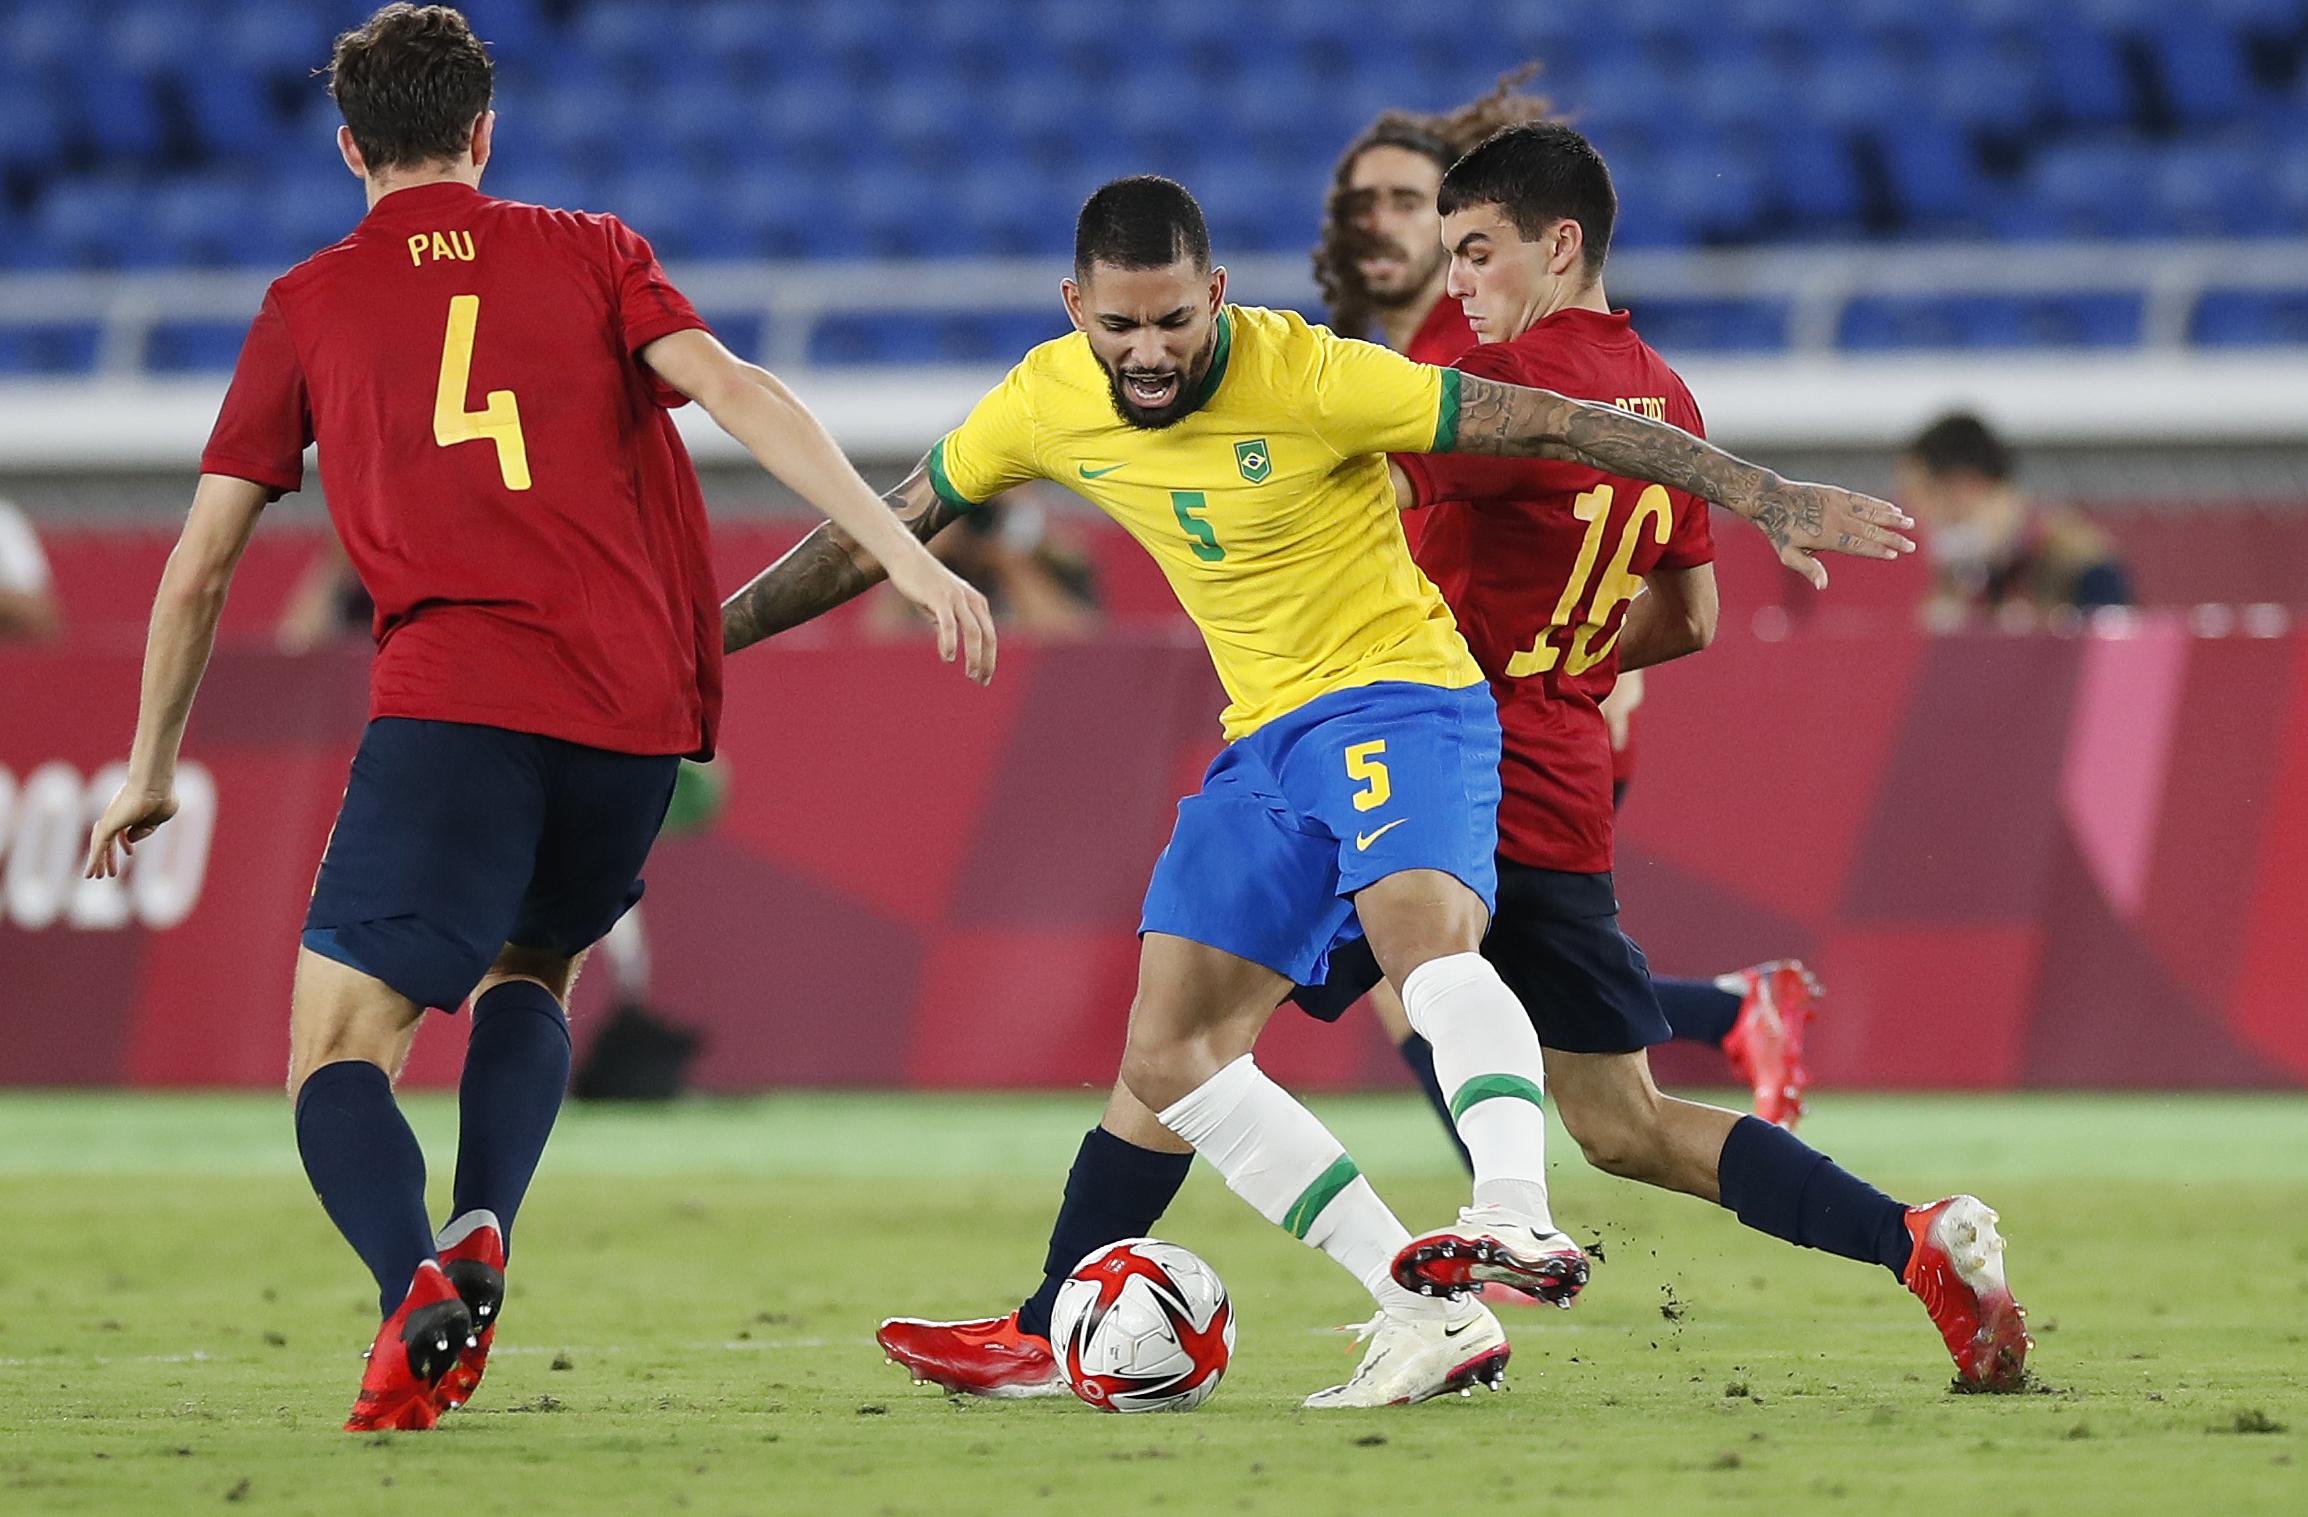 สเปนเหรียญเงินหลังพ่ายบราซิล 120 นาที 2-1